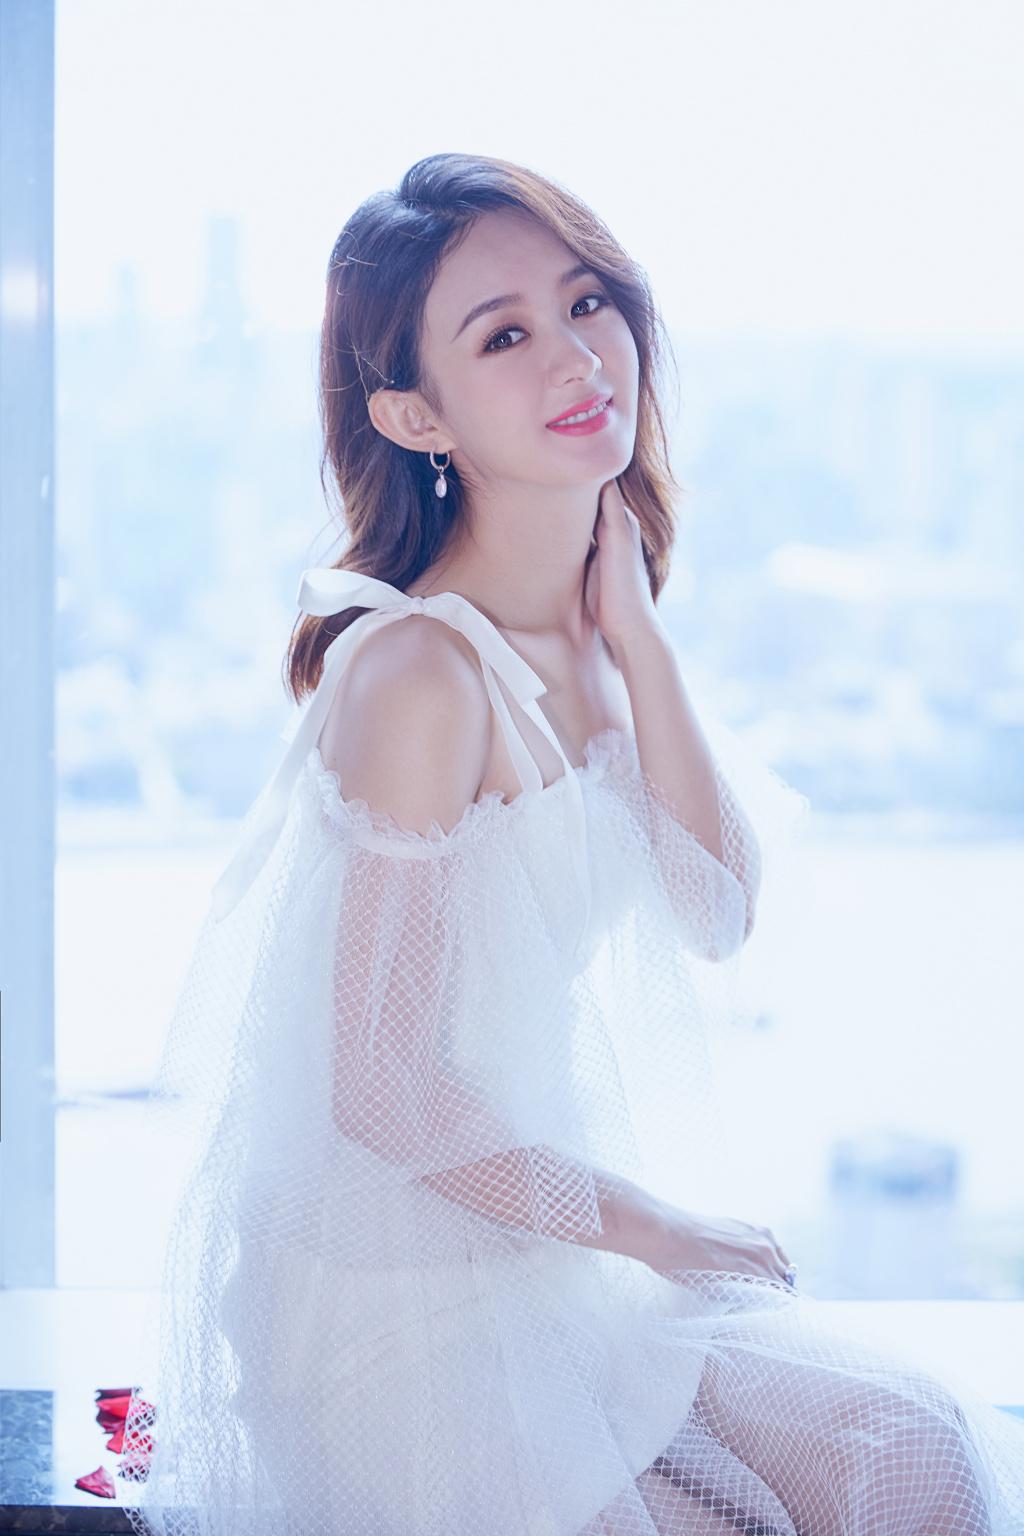 Liying Zhao